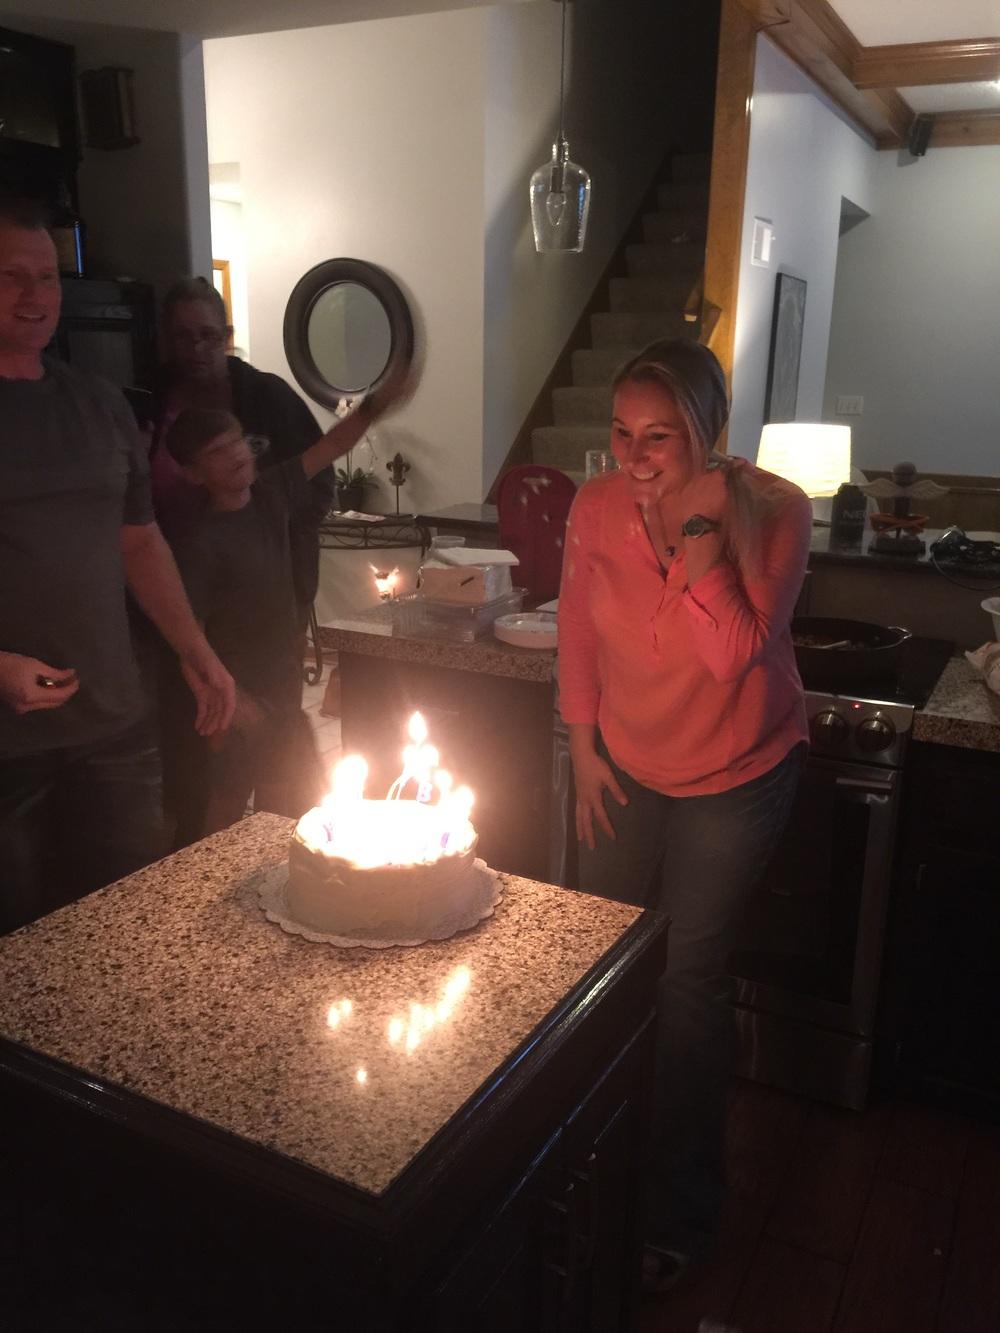 happy birthday Steph!